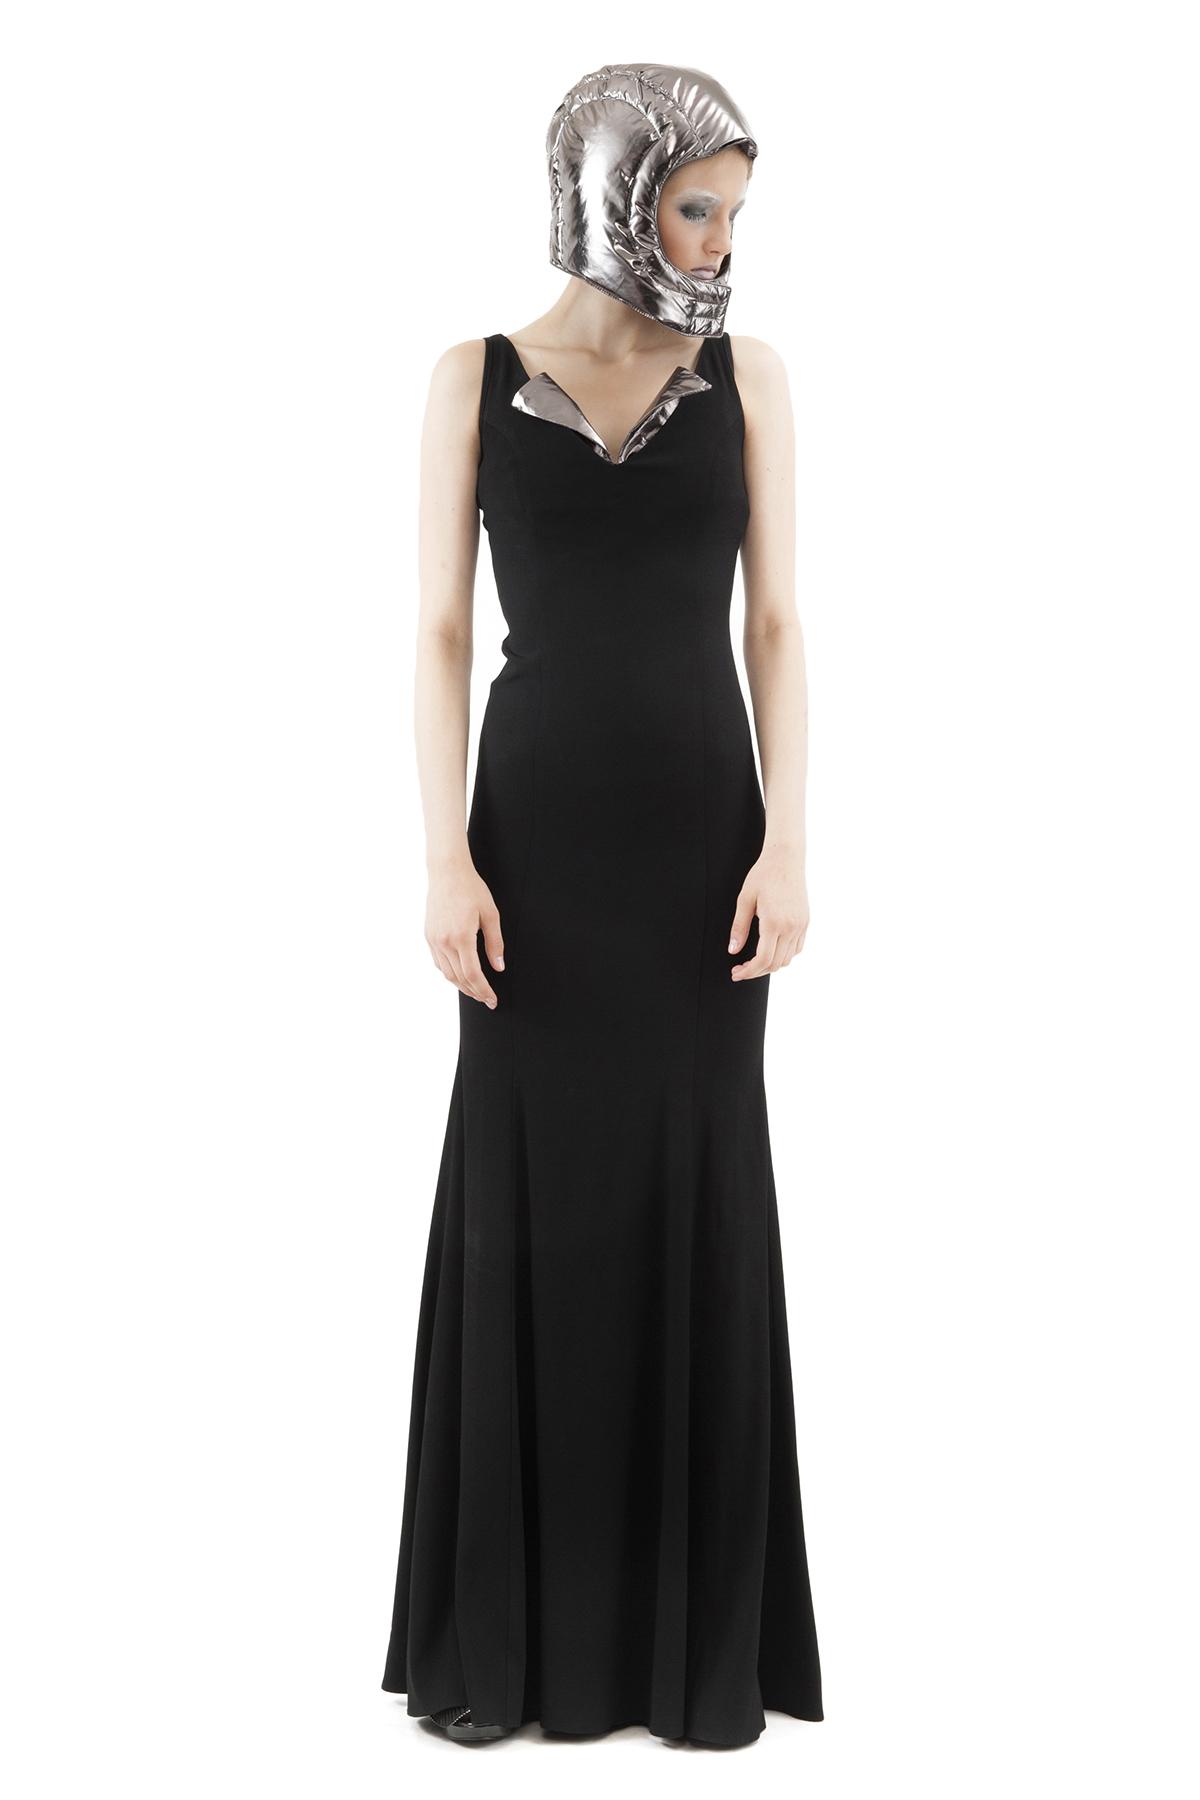 ПлатьеПлатья,  сарафаны<br>Интересный вечерний вариант - платье классической расцветки, оформленное полупрозрачными вставками. Такое изделие обязательно Вам понравится и произведет впечатление. Коллекция Пуходелические сны дизайнера Павла Ерокина.<br><br>Цвет: черный,серый<br>Состав: 99% вискоза, 1 % лайкра<br>Размер: 42<br>Страна дизайна: Россия<br>Страна производства: Россия